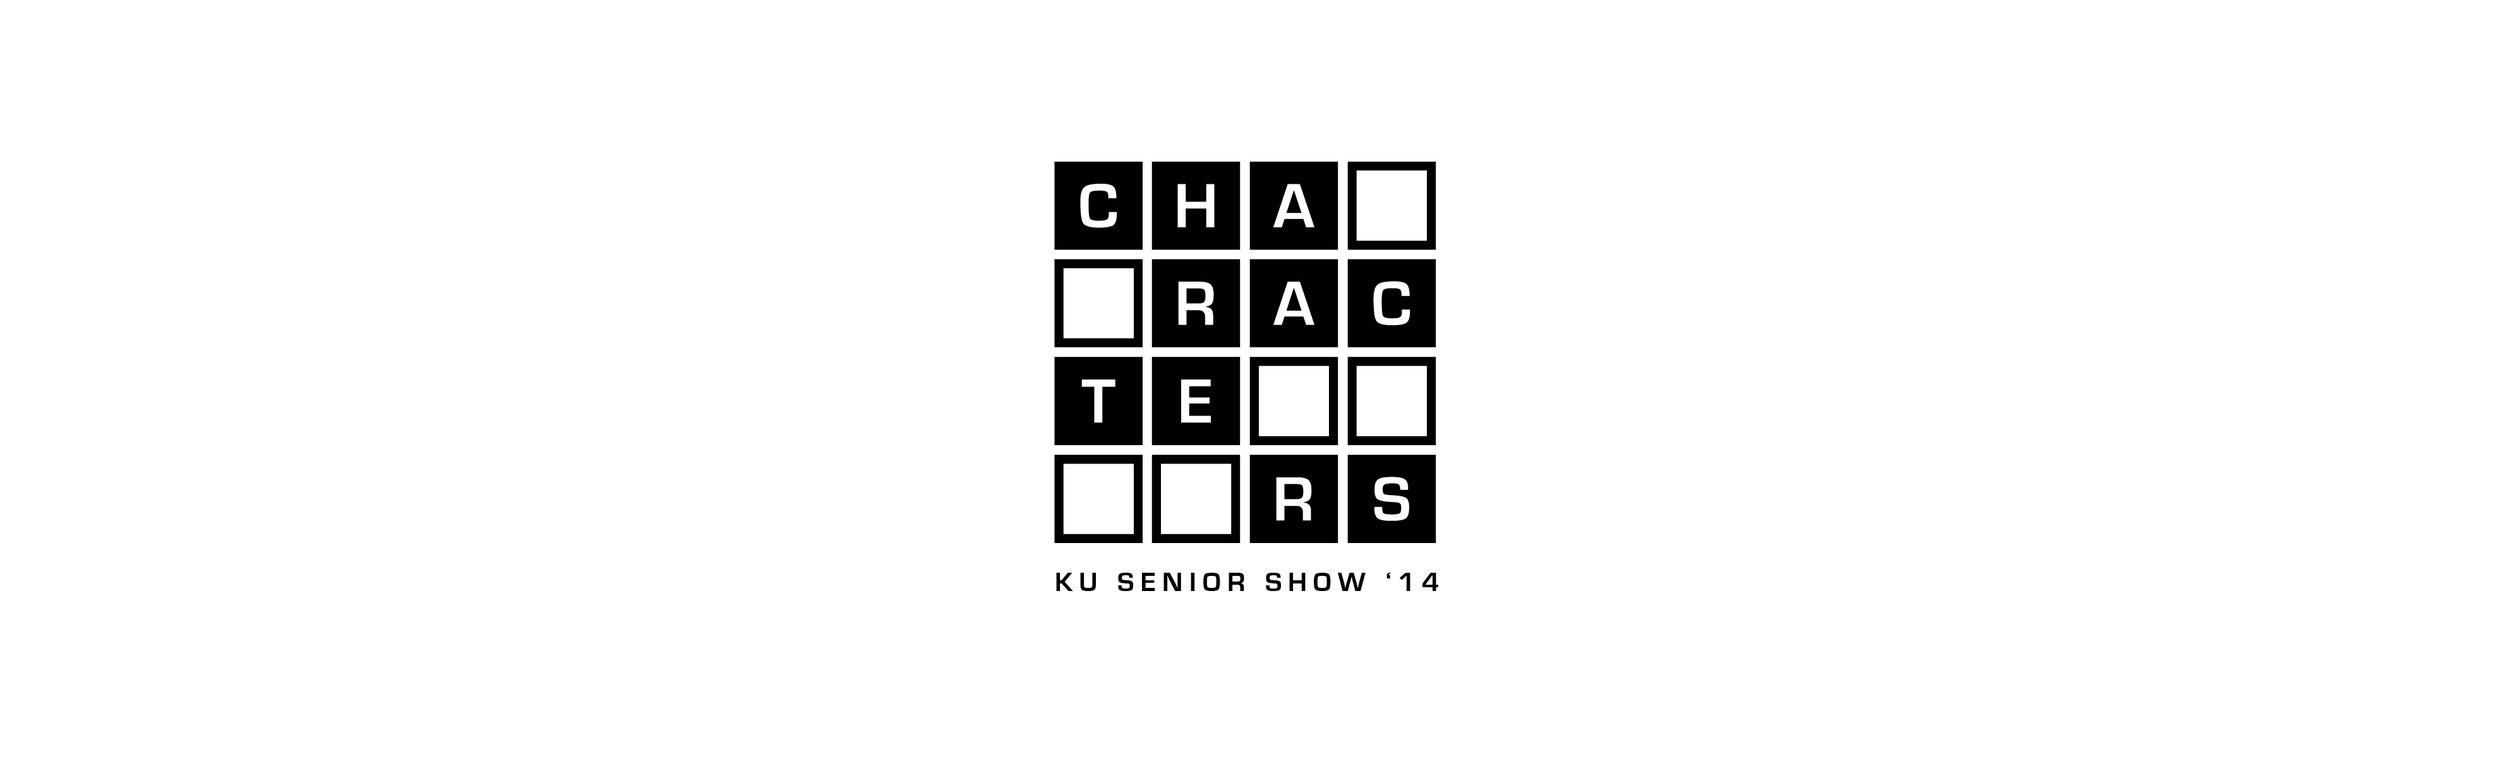 ku-senior-show-03.jpg